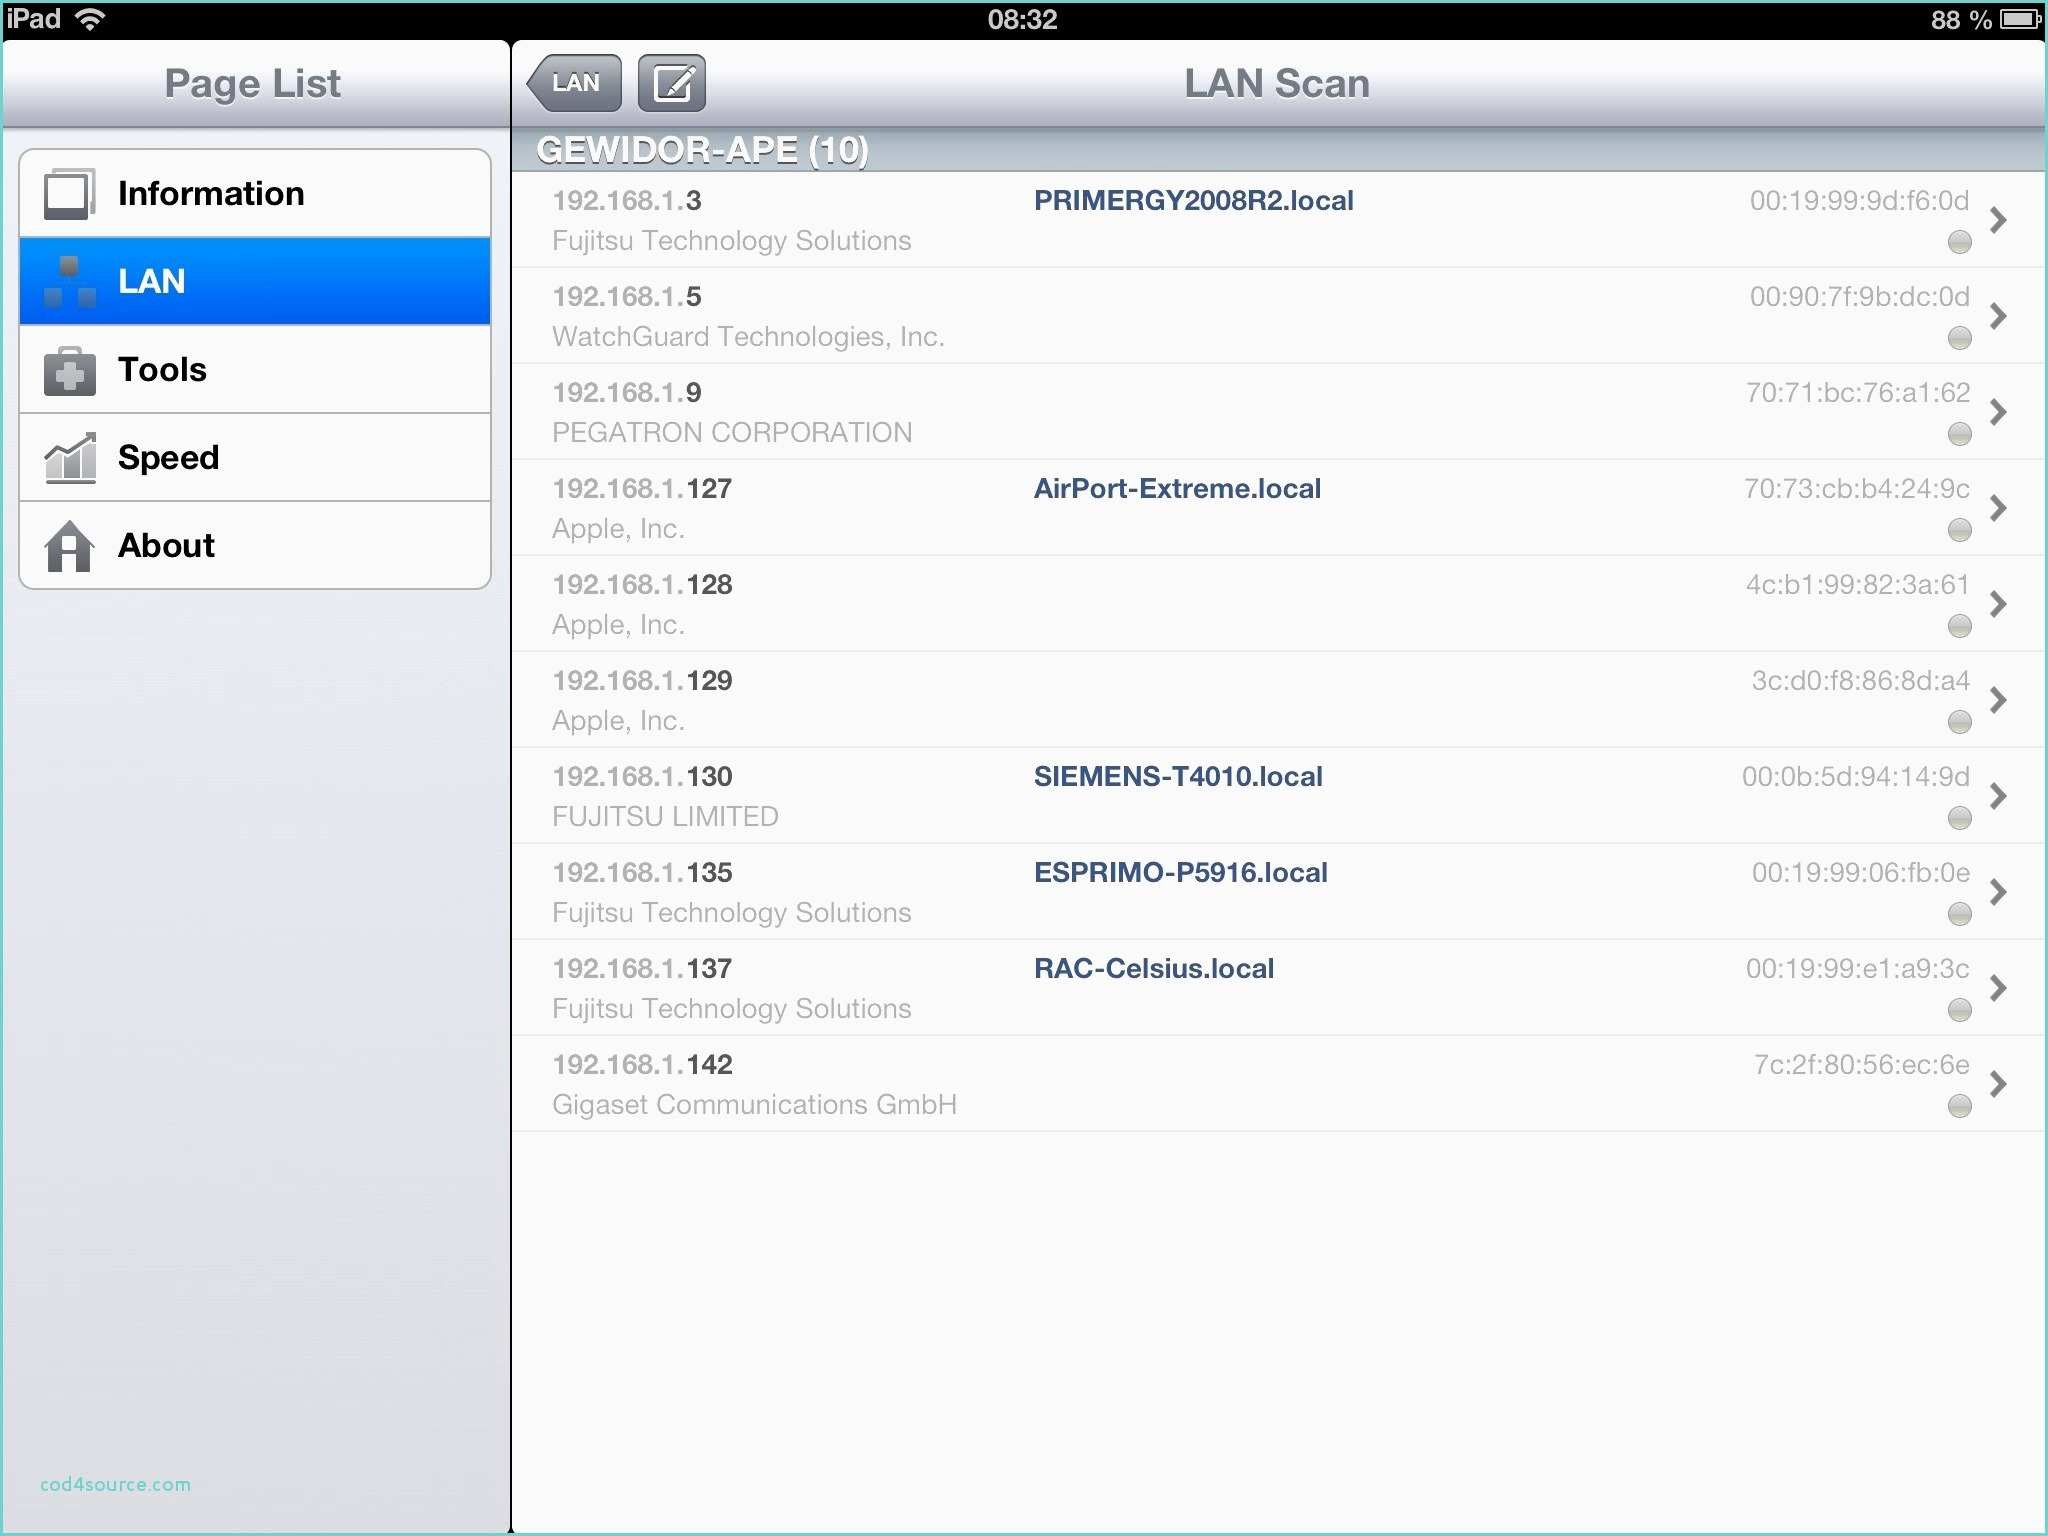 Daily Calendar Template Editable Printable Calendar Fresh 30 Day Calendar Template Daily Calendar Template Blank